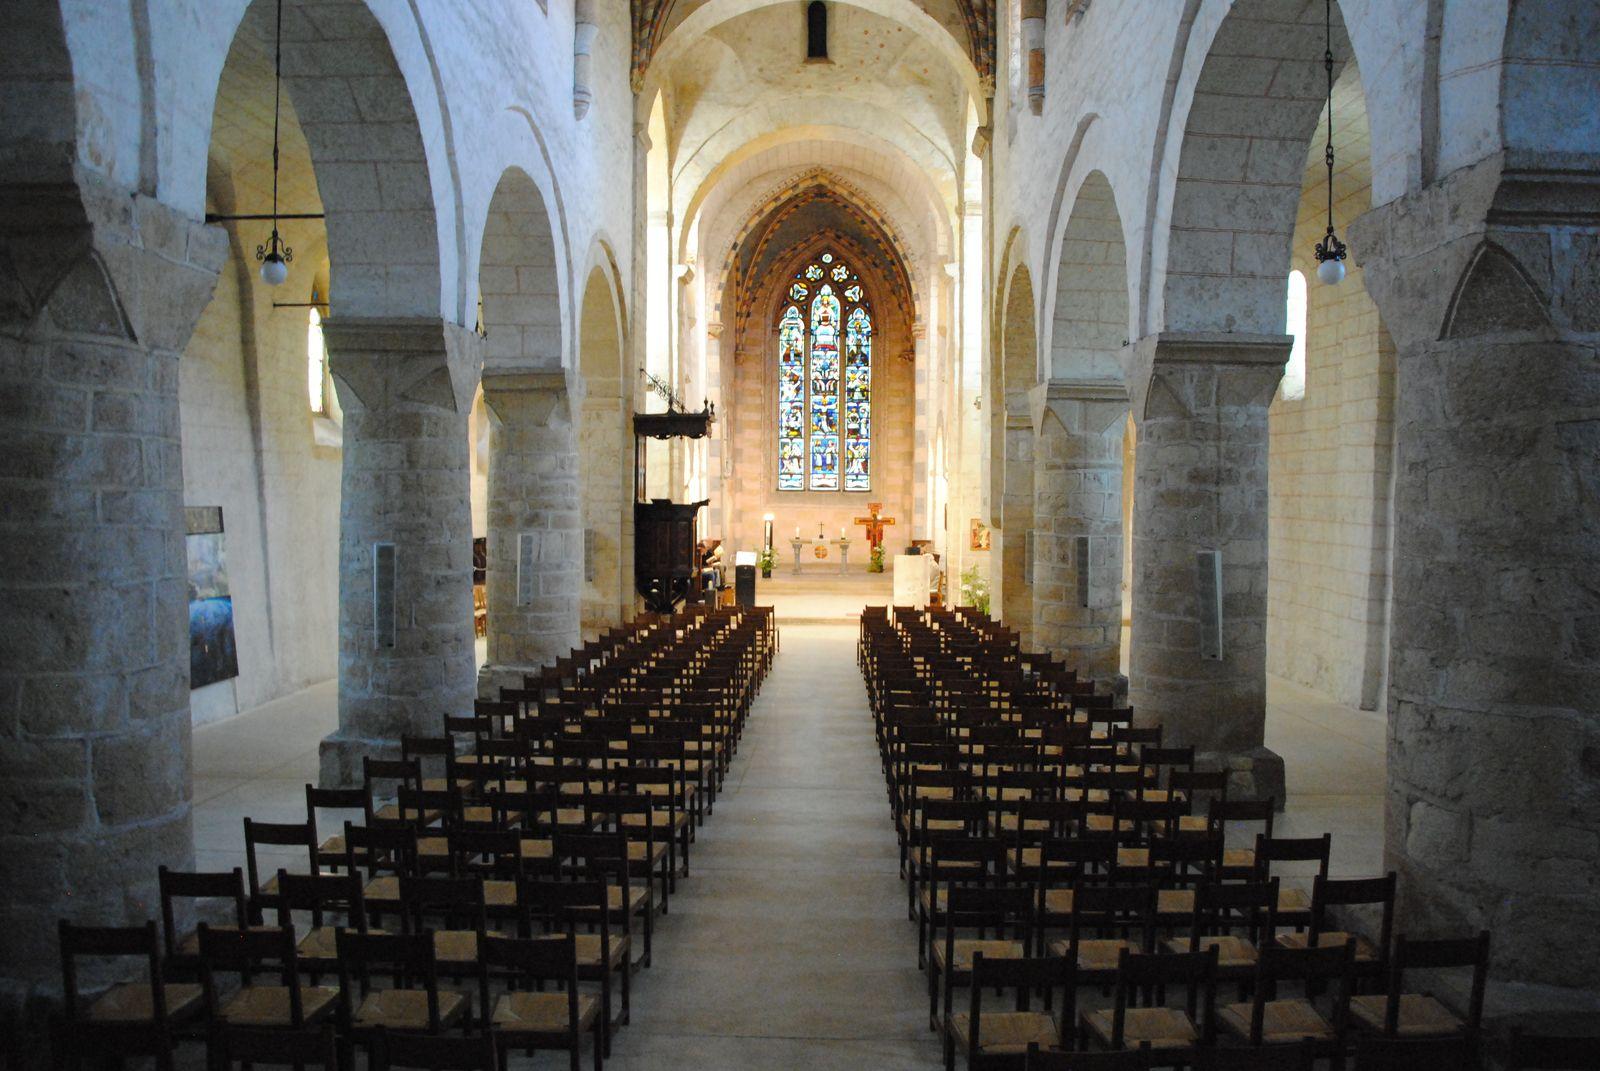 Intérieure de l'abbatiale de Romainmotier. Cette abbaye accueillit le Pape Léon IX, un des précurseurs de la réforme grégorienne (ph. Emmanuel Coux)